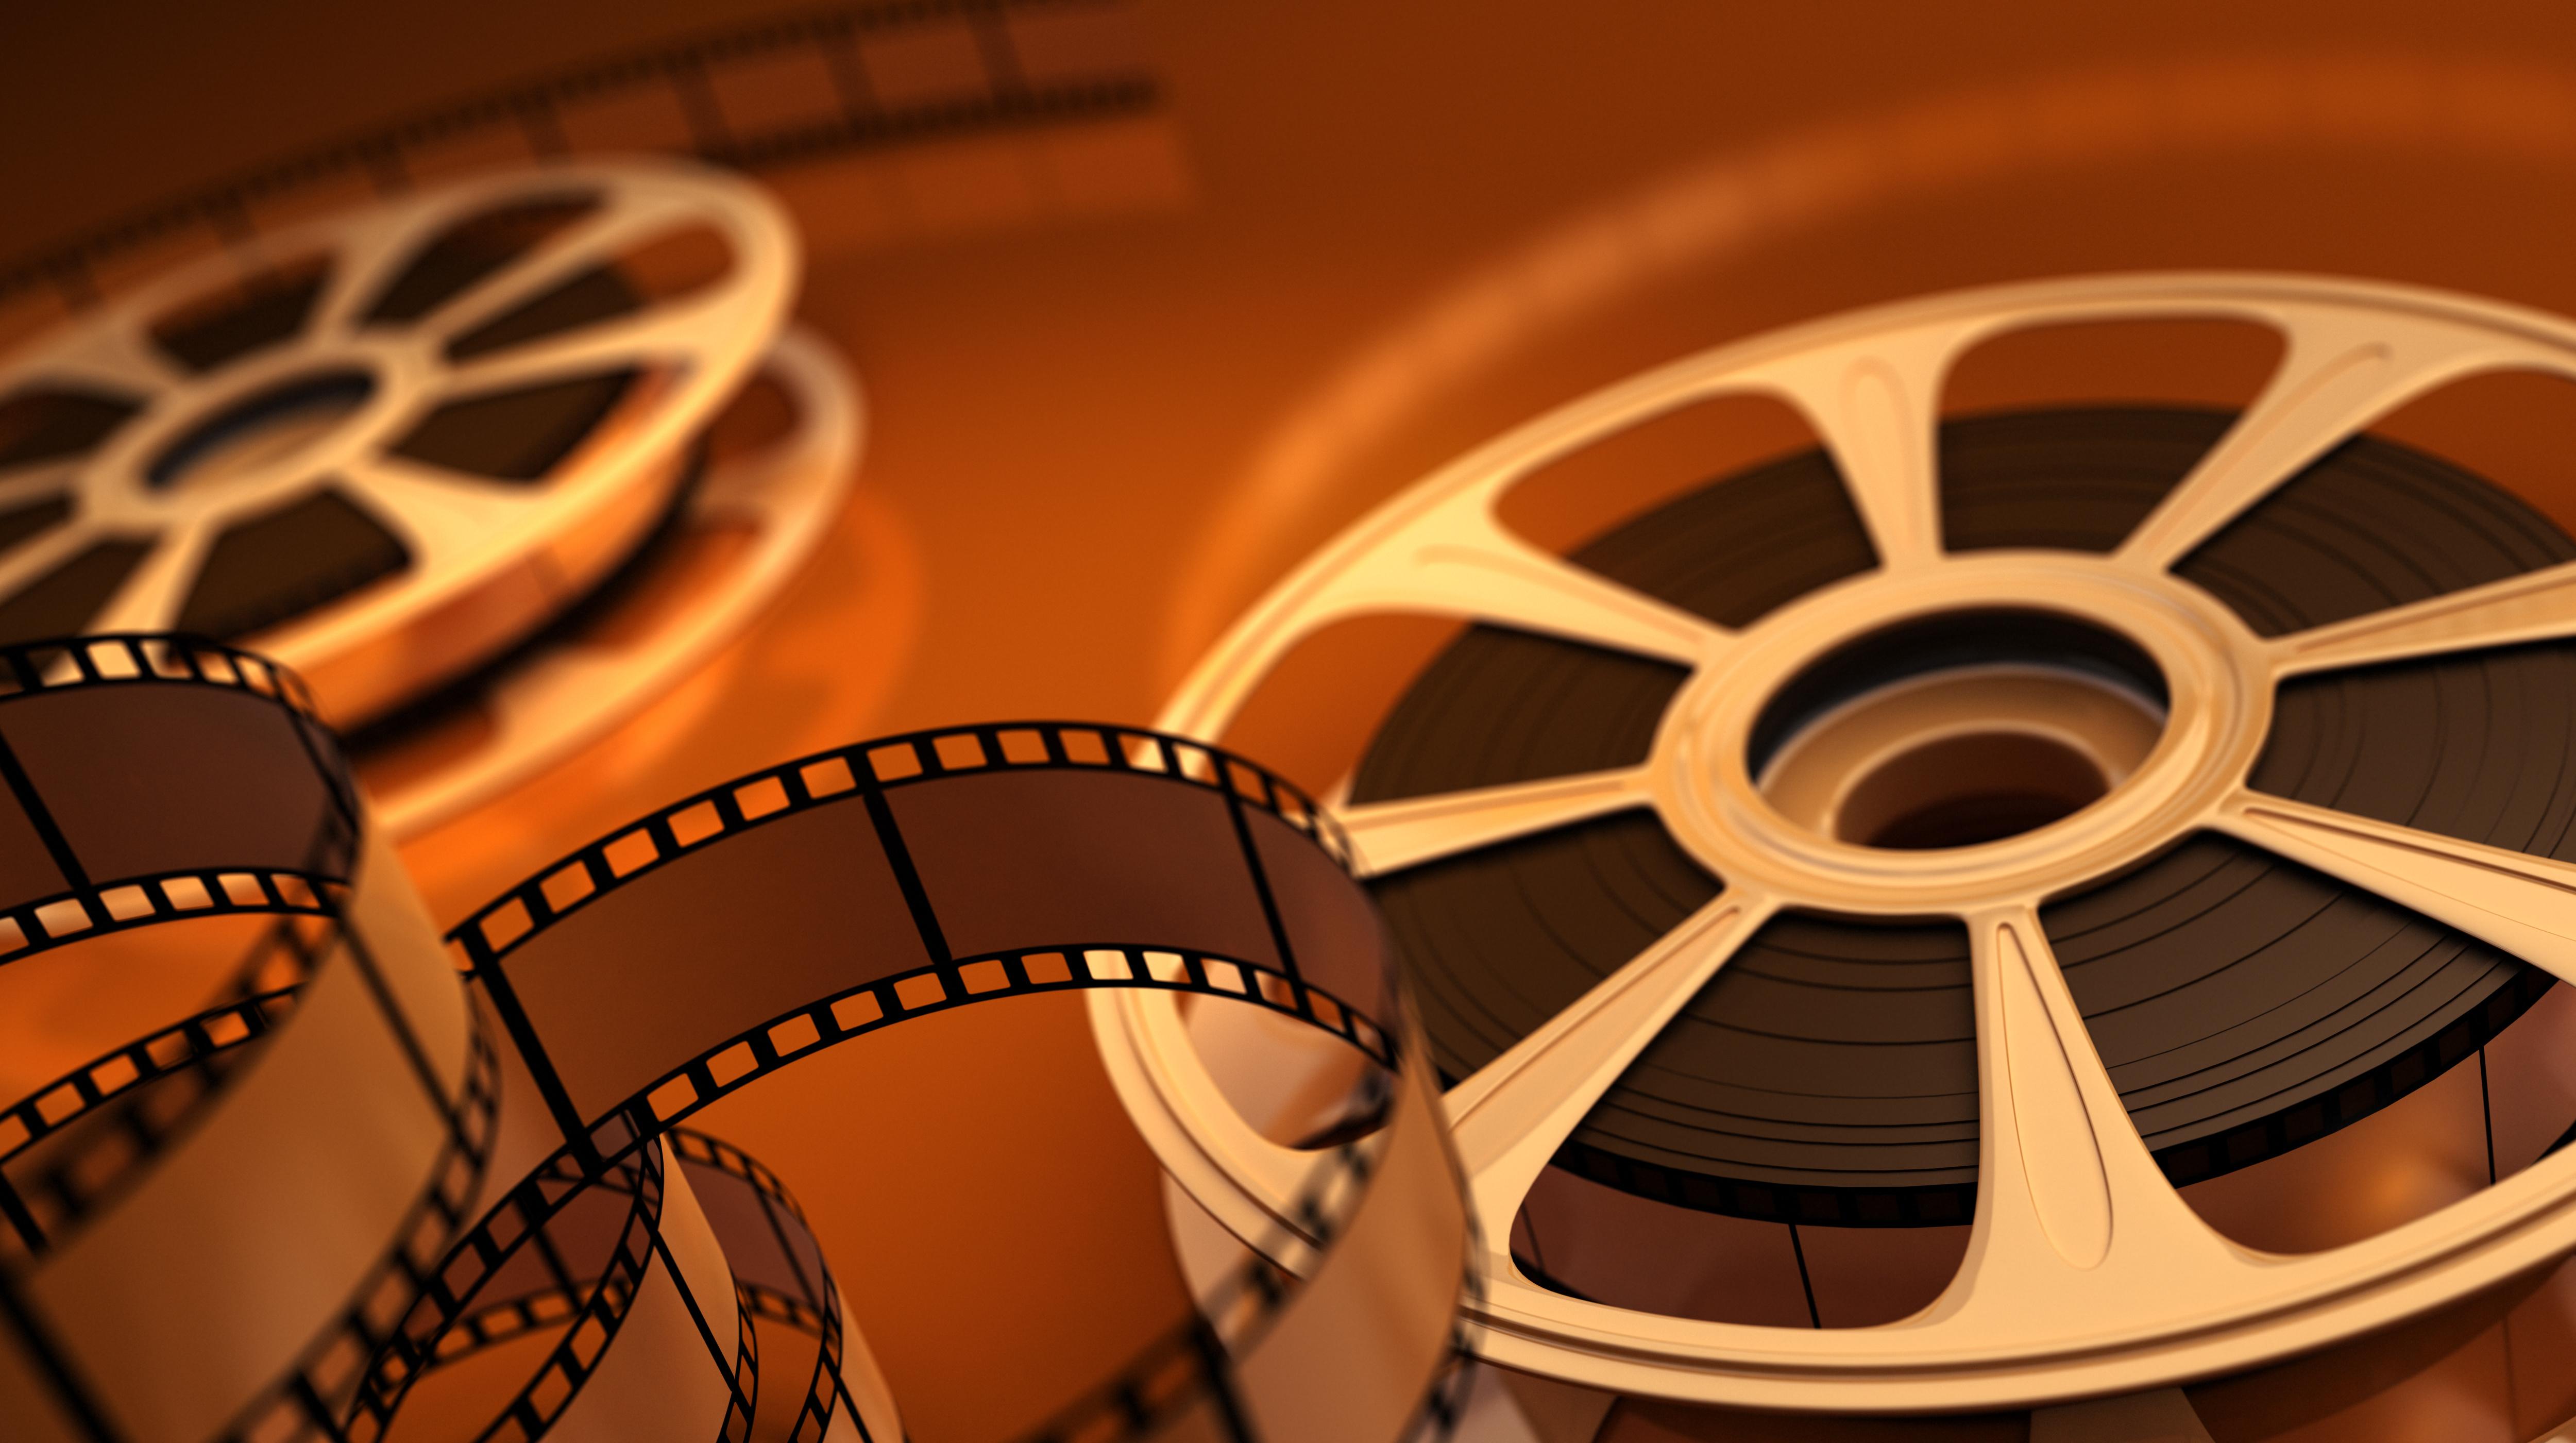 Внимание! Фонд кино продлевает срок приема заявок на поддержку фильмов для детской и семейной аудитории, а также уникальных авторских анимационных фильмов